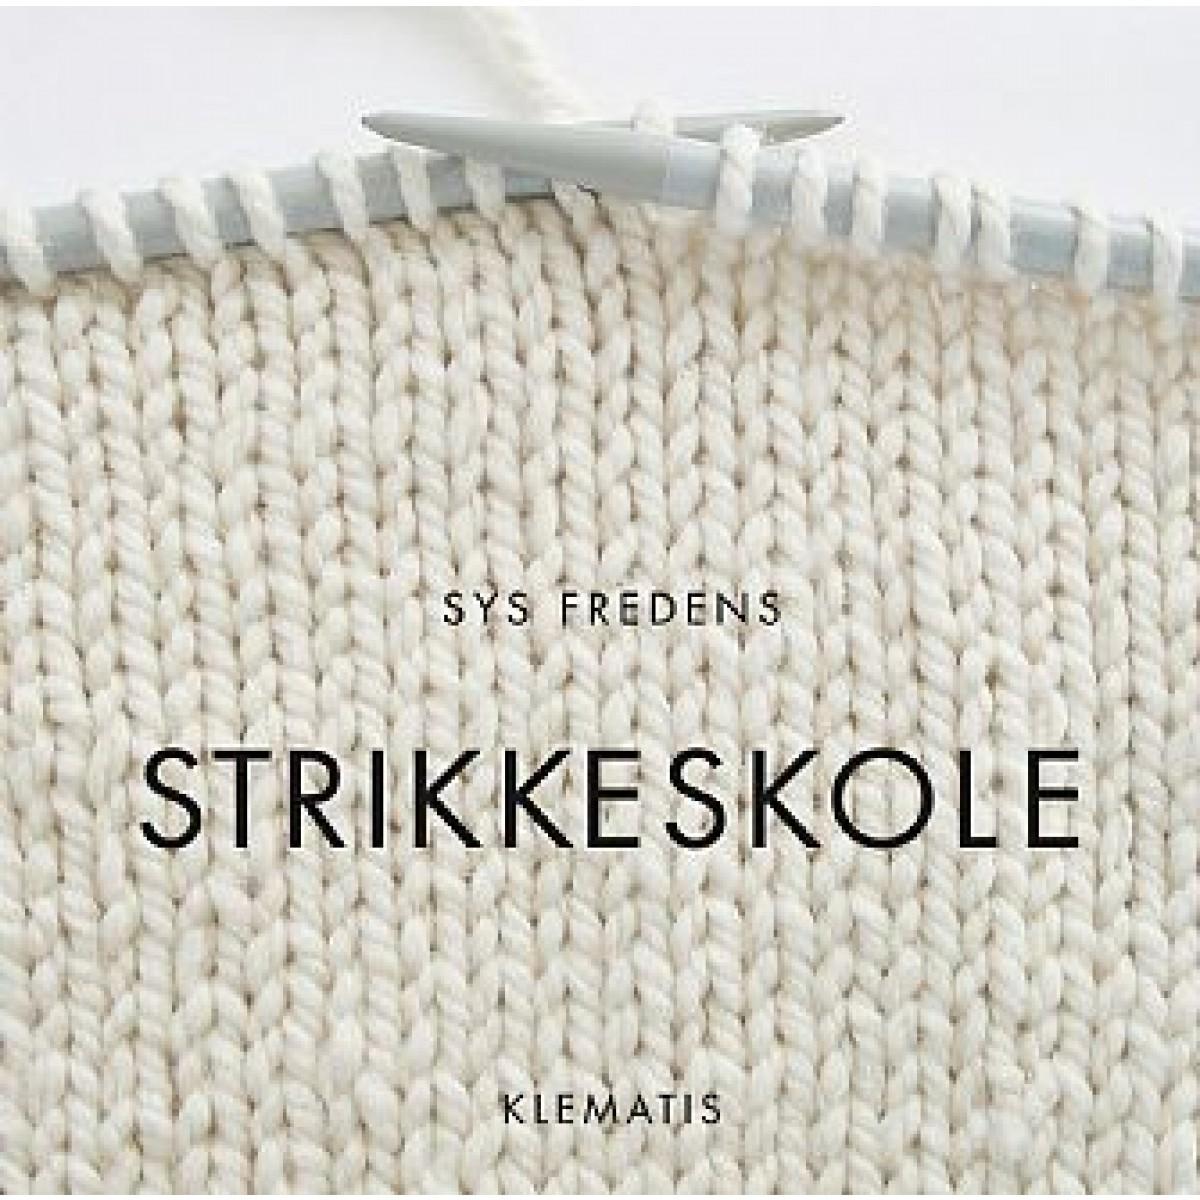 Strikkeskole-31